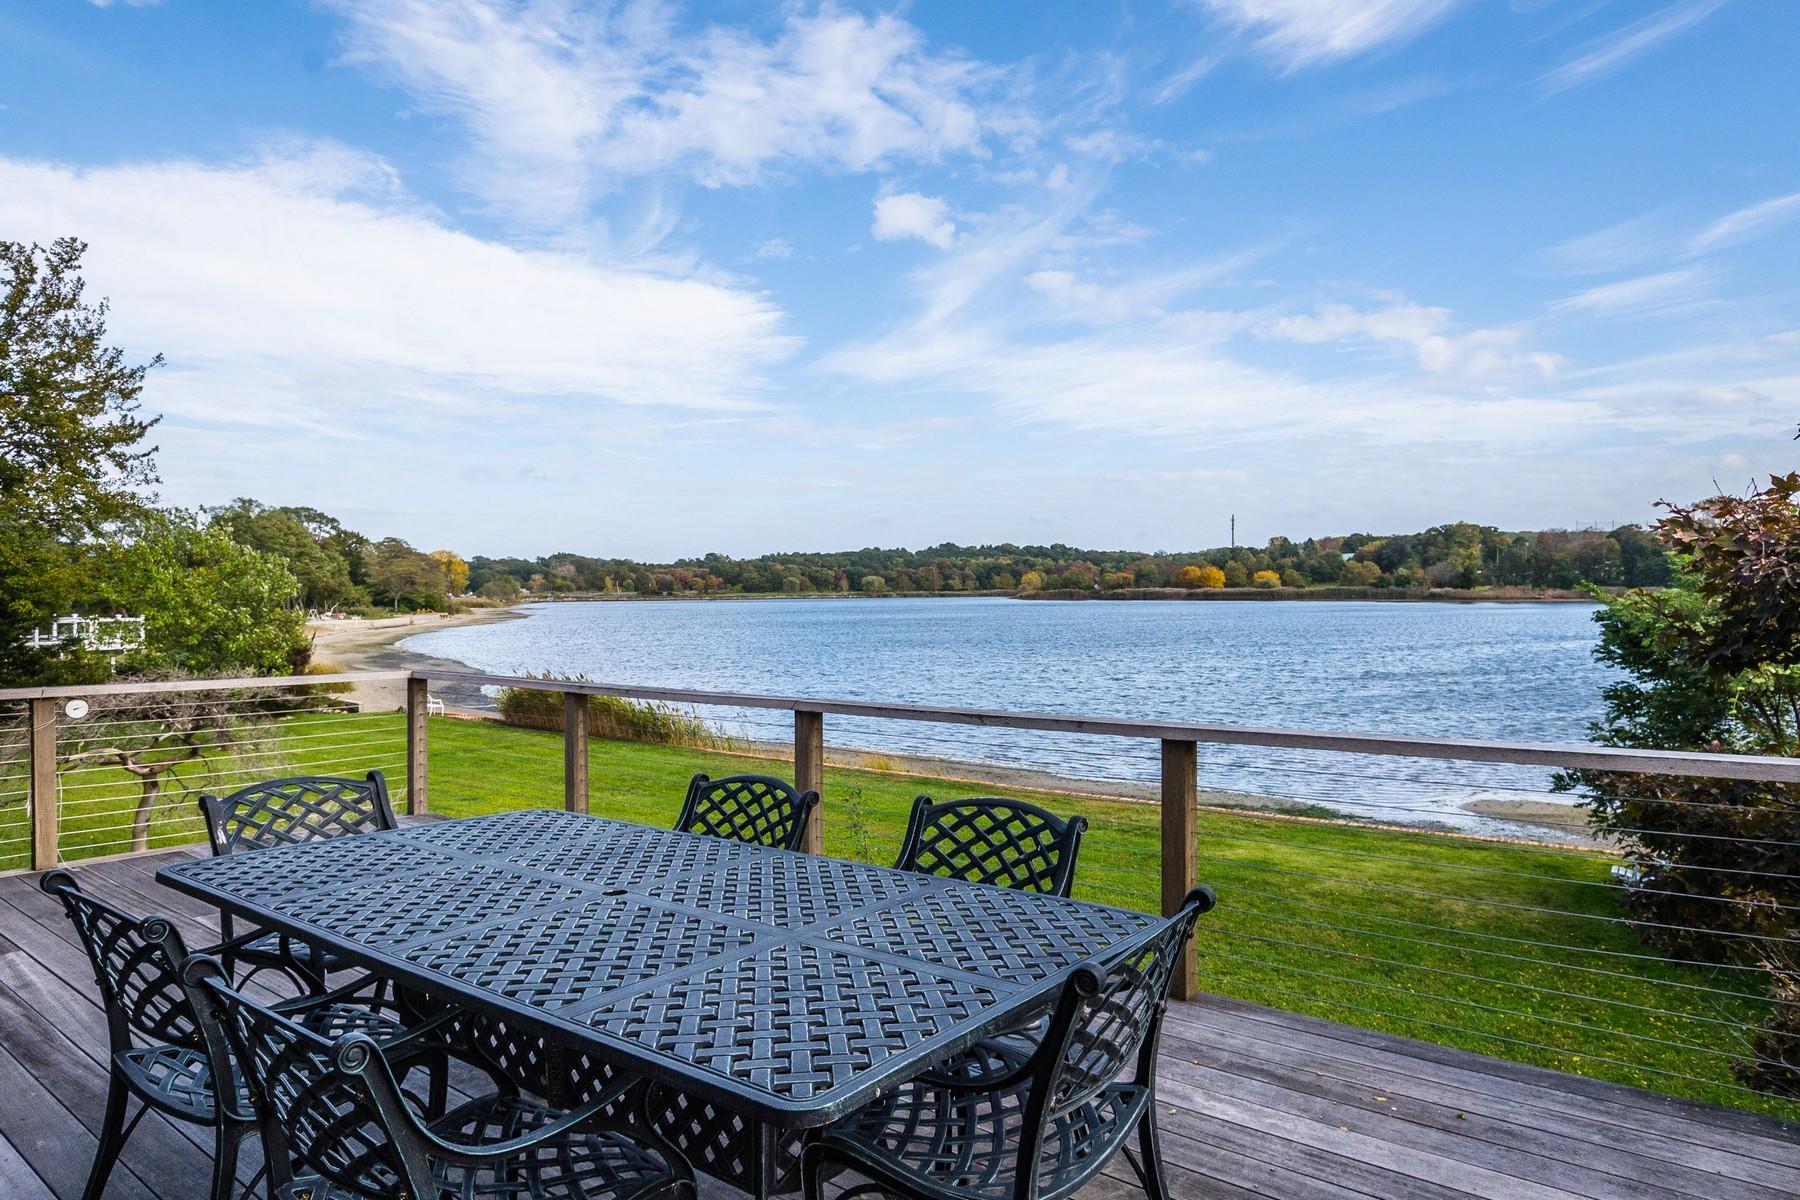 独户住宅 为 销售 在 Exp Ranch 16 Southland Dr 格伦科夫, 纽约州 11542 美国